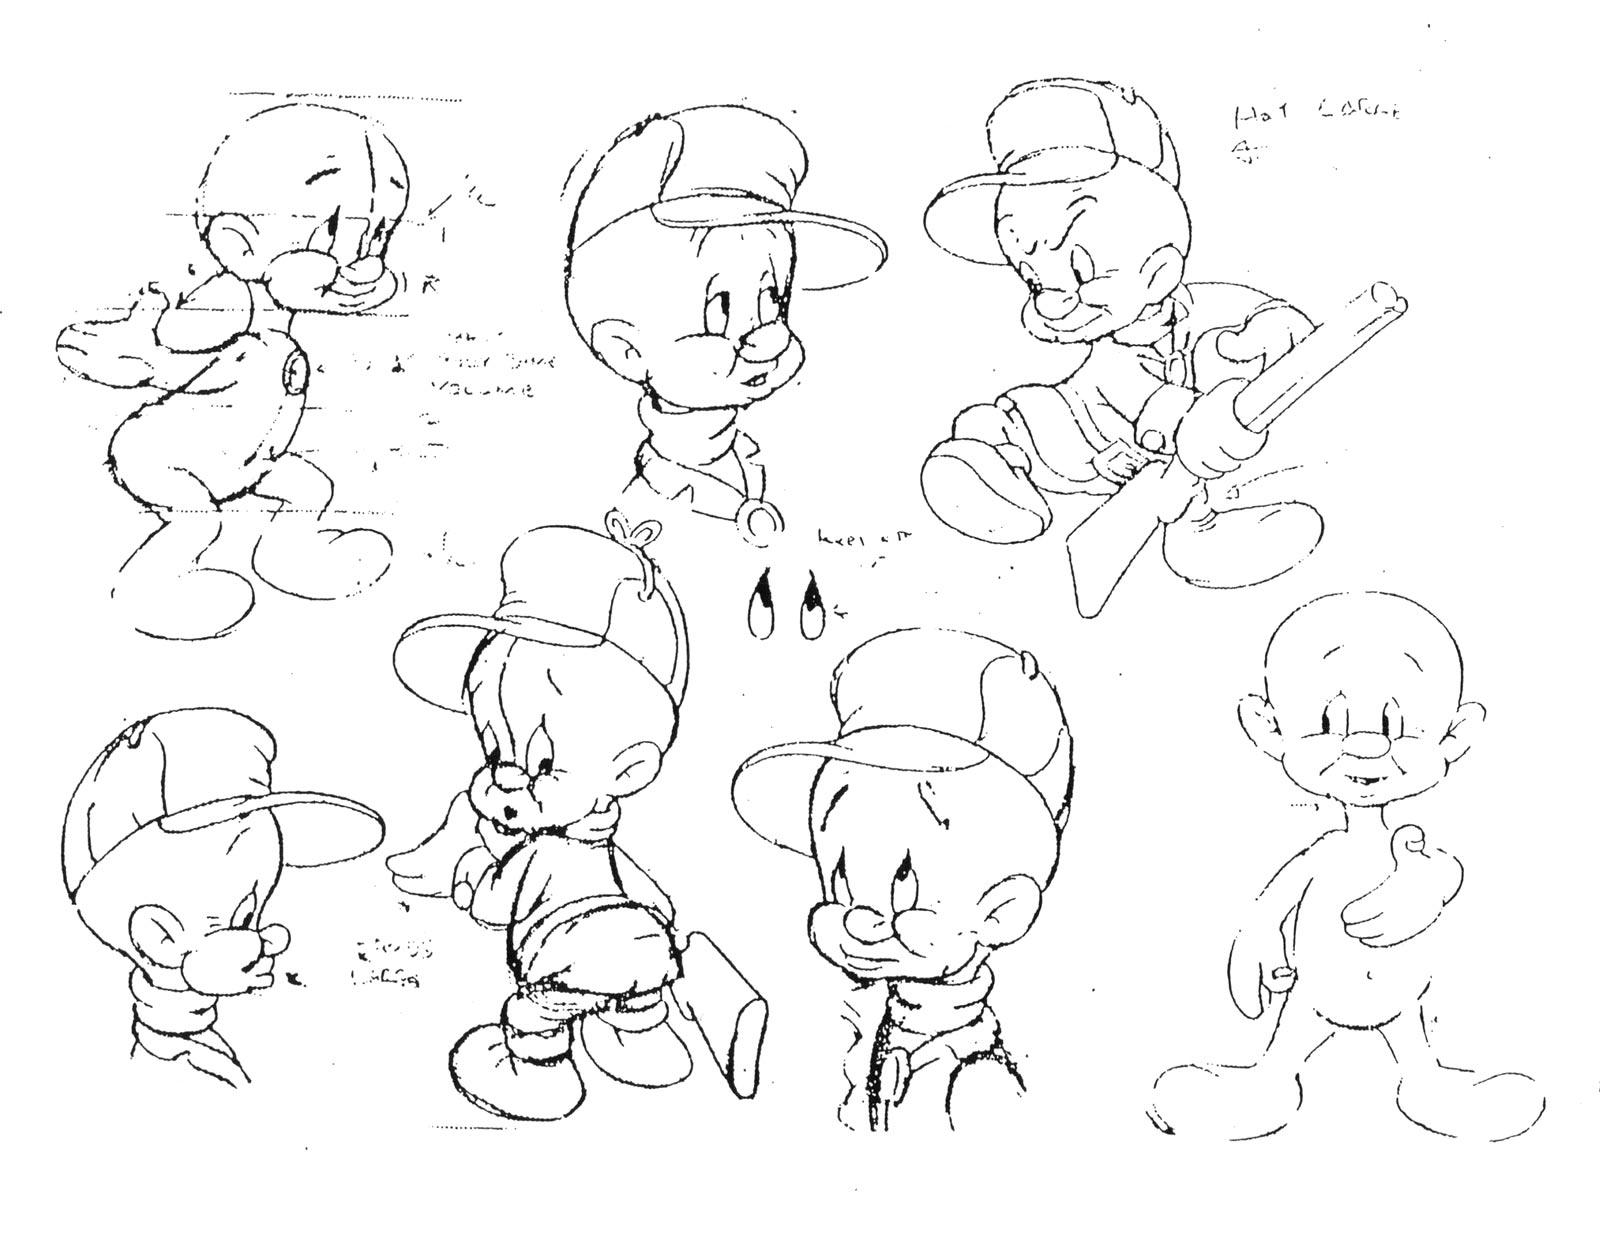 looney_tunes_warner_bros_characters_model_sheet_17.jpg